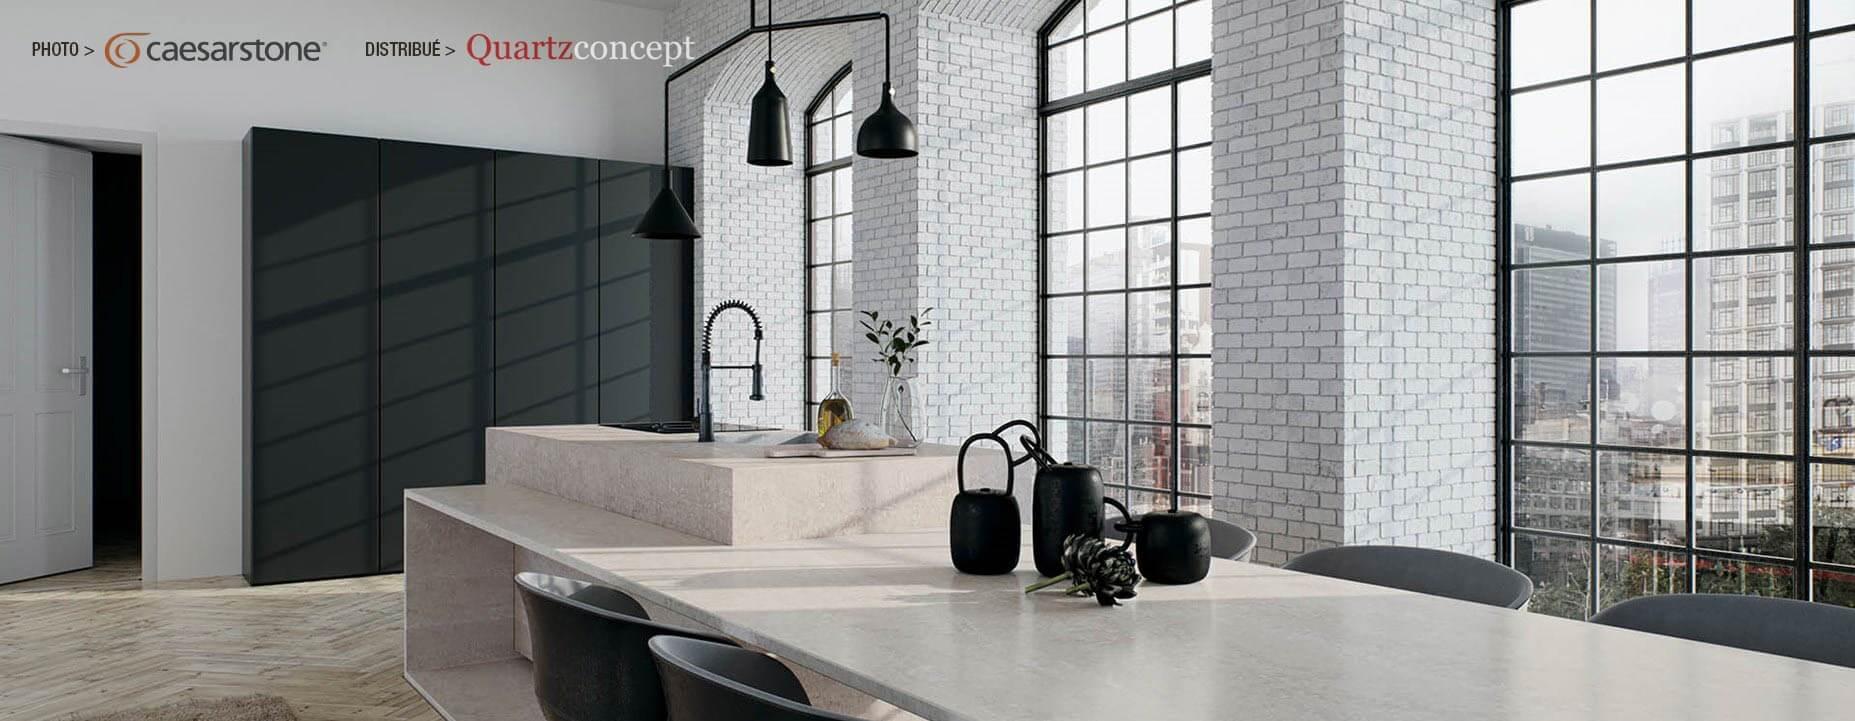 Quartz Caesarstone couleur 4023 topus concrete